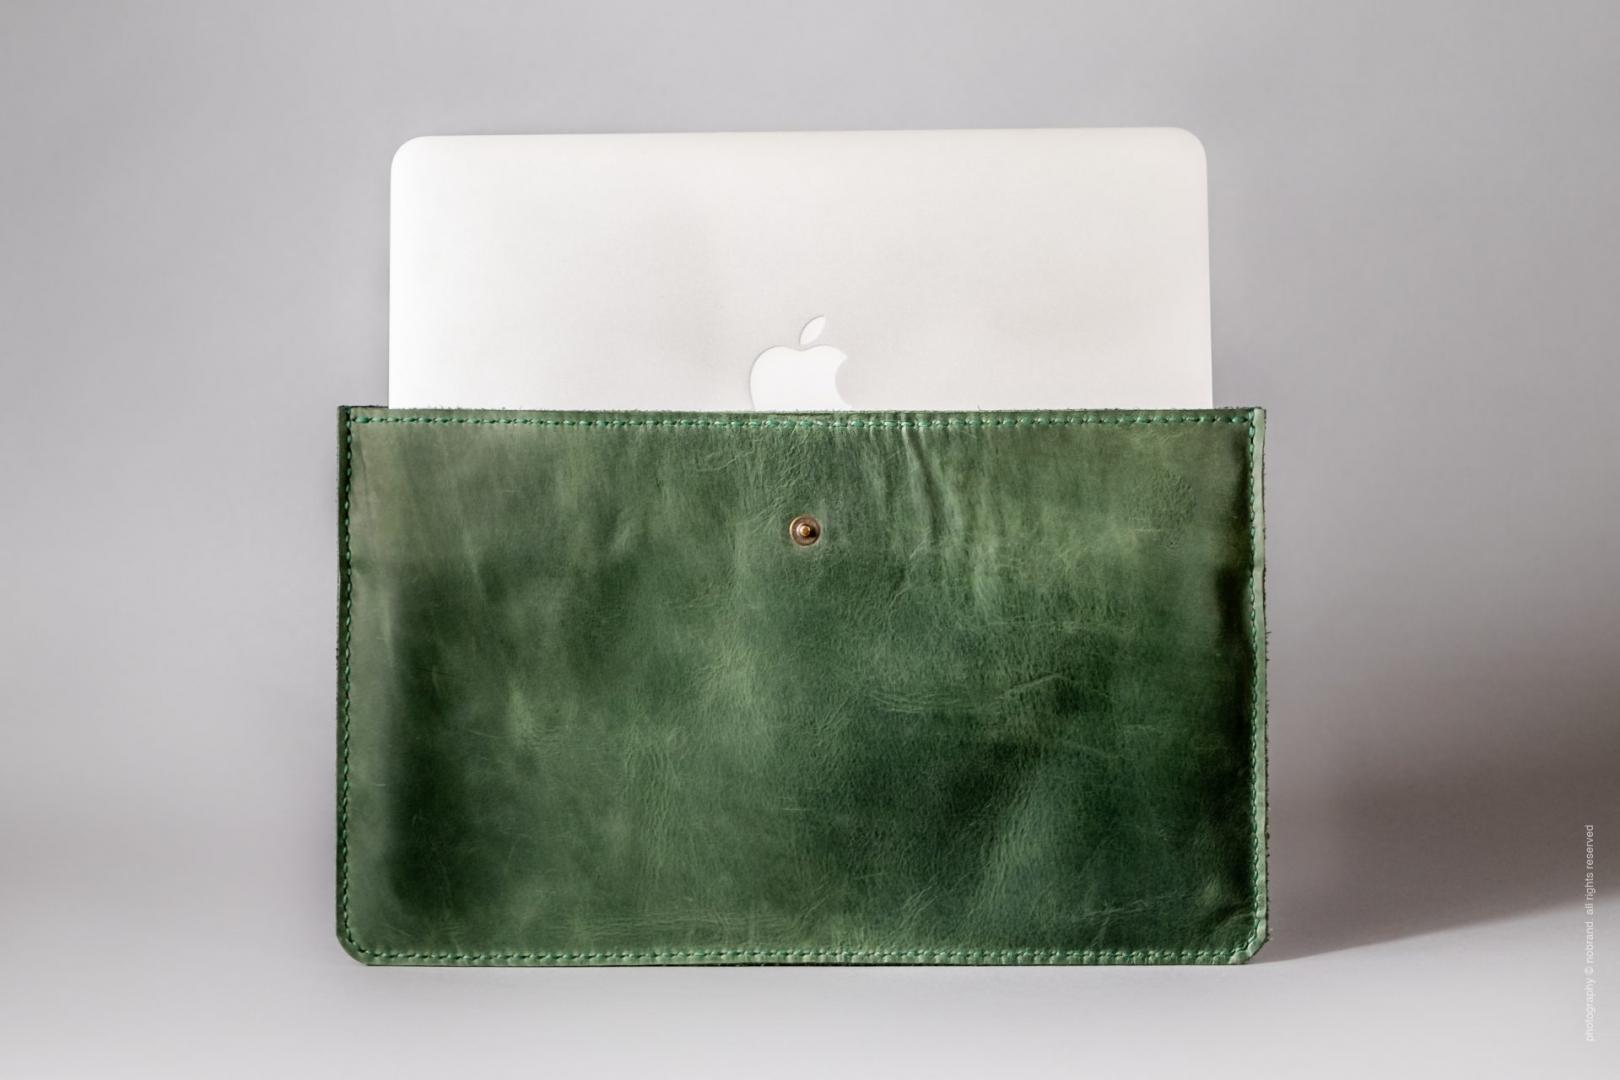 green macbook air sleeve